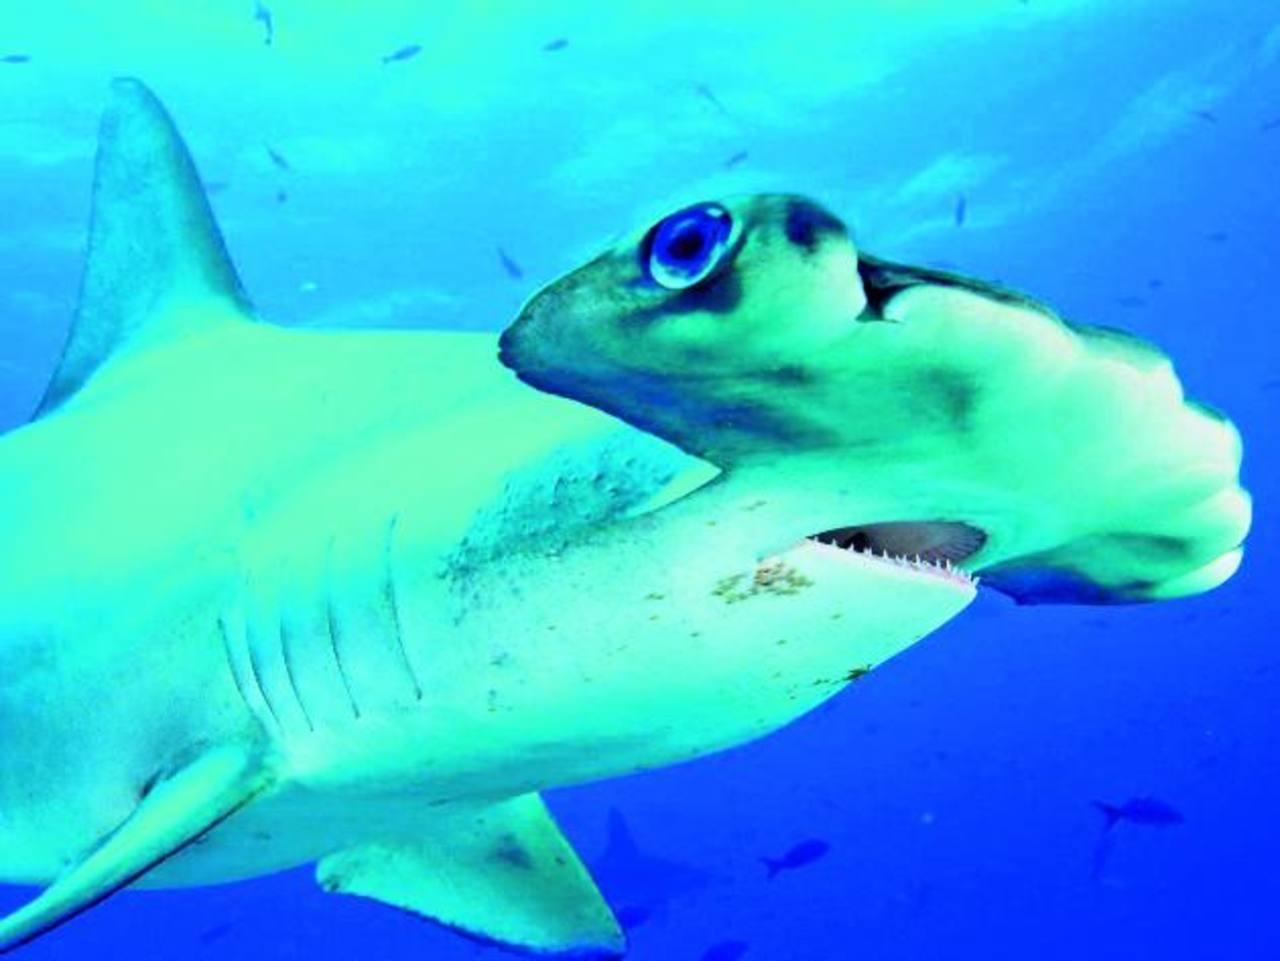 El tiburón martillo está en peligro debido a la sobrepesca empujada por el comercio de sus aletas. En el país, los diputados aprobaron un decreto que prohíbe la importación y exportación sin certificado. Foto EDH / archivo